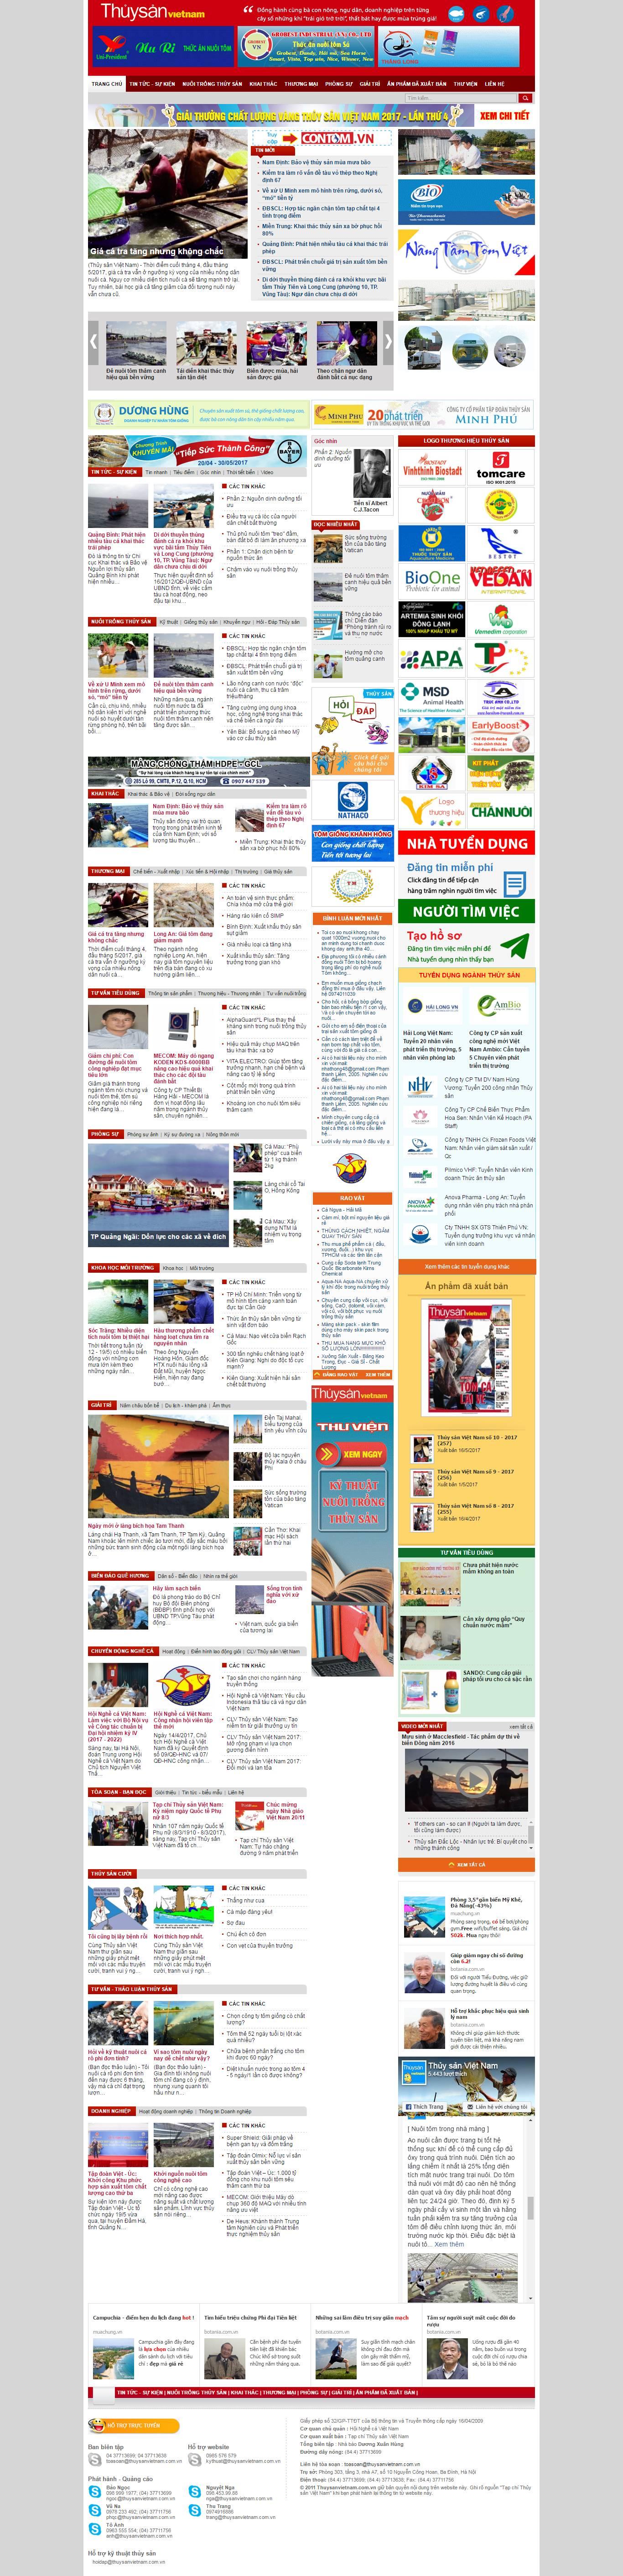 Thiết kế website thủy sản Việt Nam đẹp, chuyên nghiệp chuẩn SEO